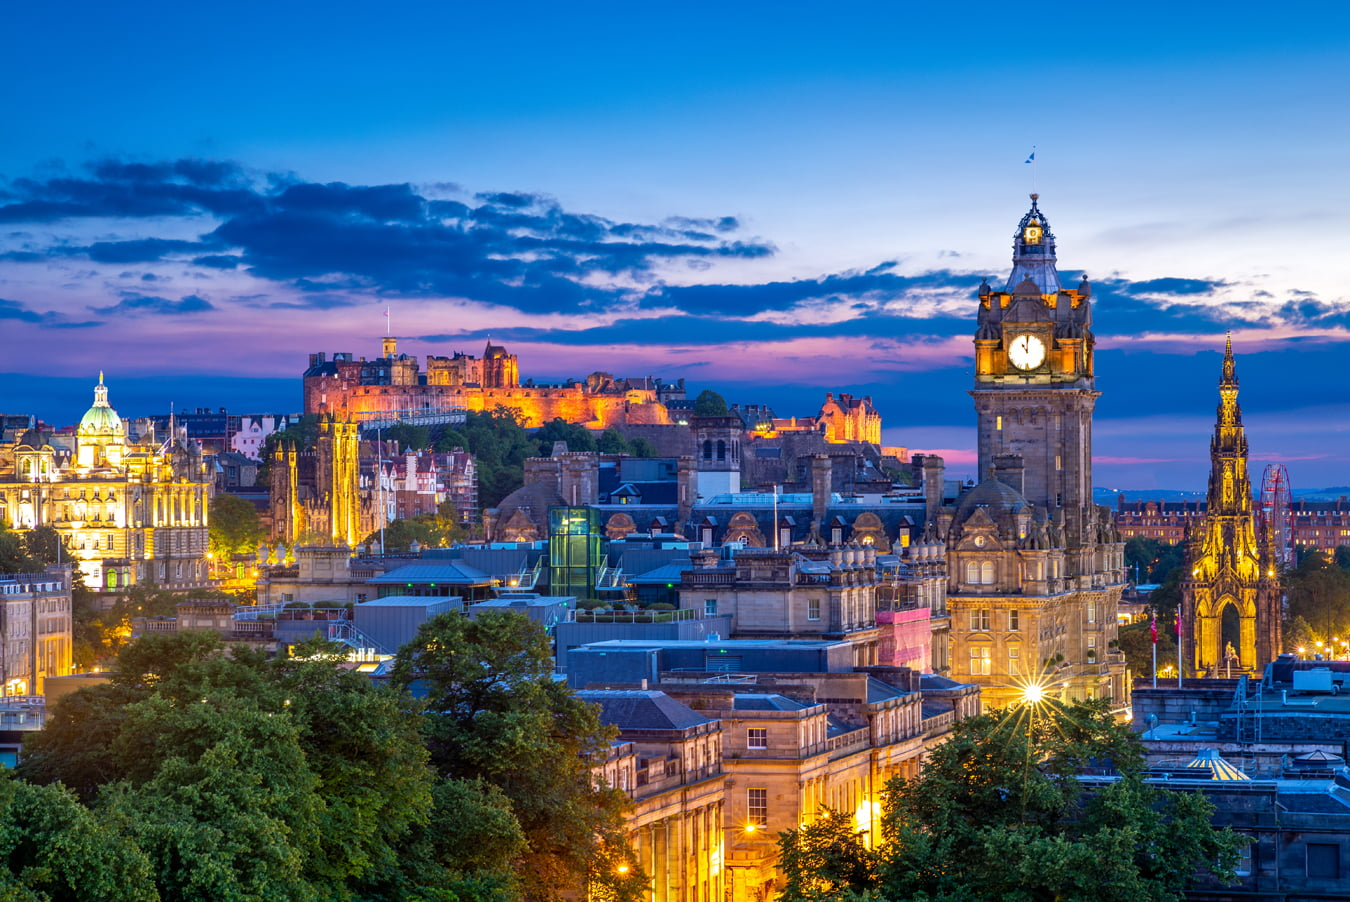 Edinburgh dating scene